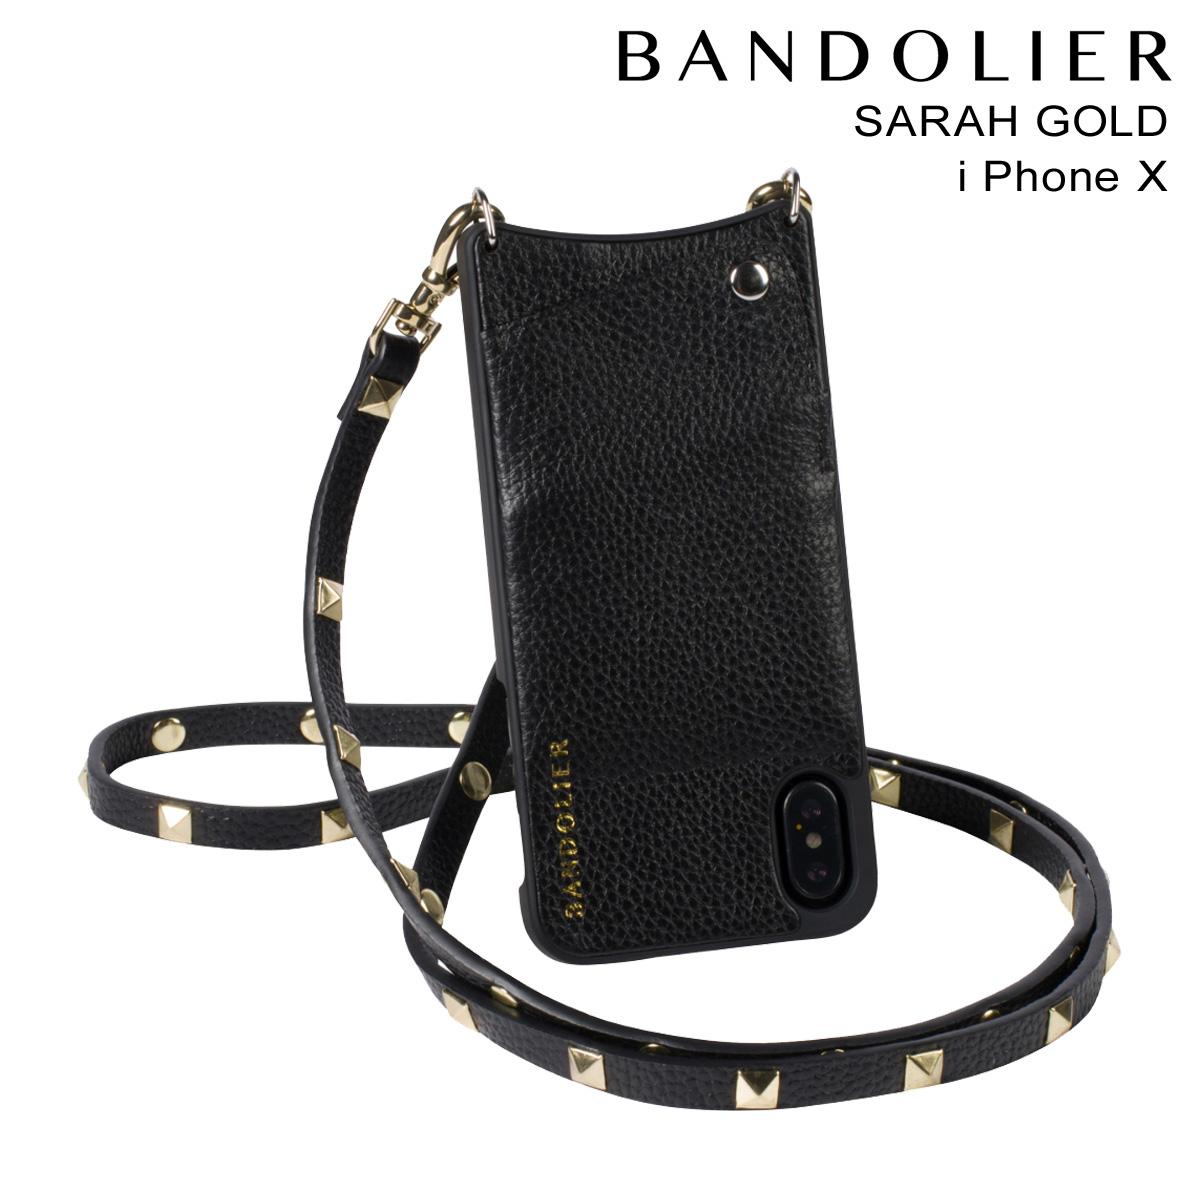 BANDOLIER iPhoneX SARAH GOLD バンドリヤー ケース スマホ アイフォン レザー メンズ レディース [4/18 再入荷][194]